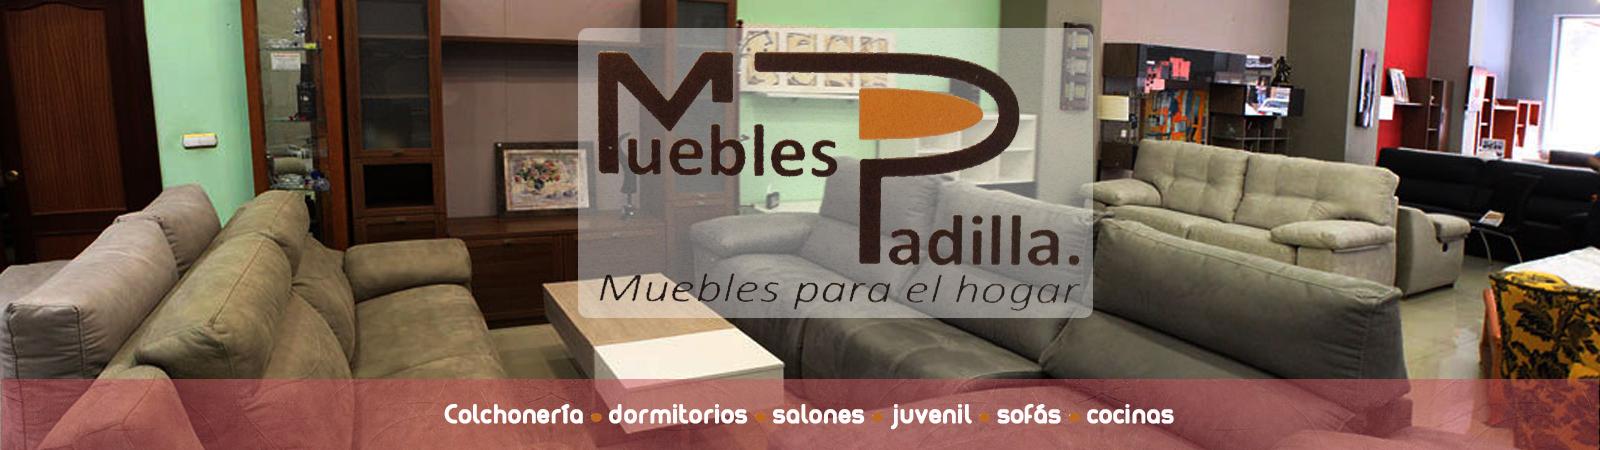 Colchonería en Valladolid PADILLA,almohadas,viscoelastica,muelles,mesillas,camillas,founiers